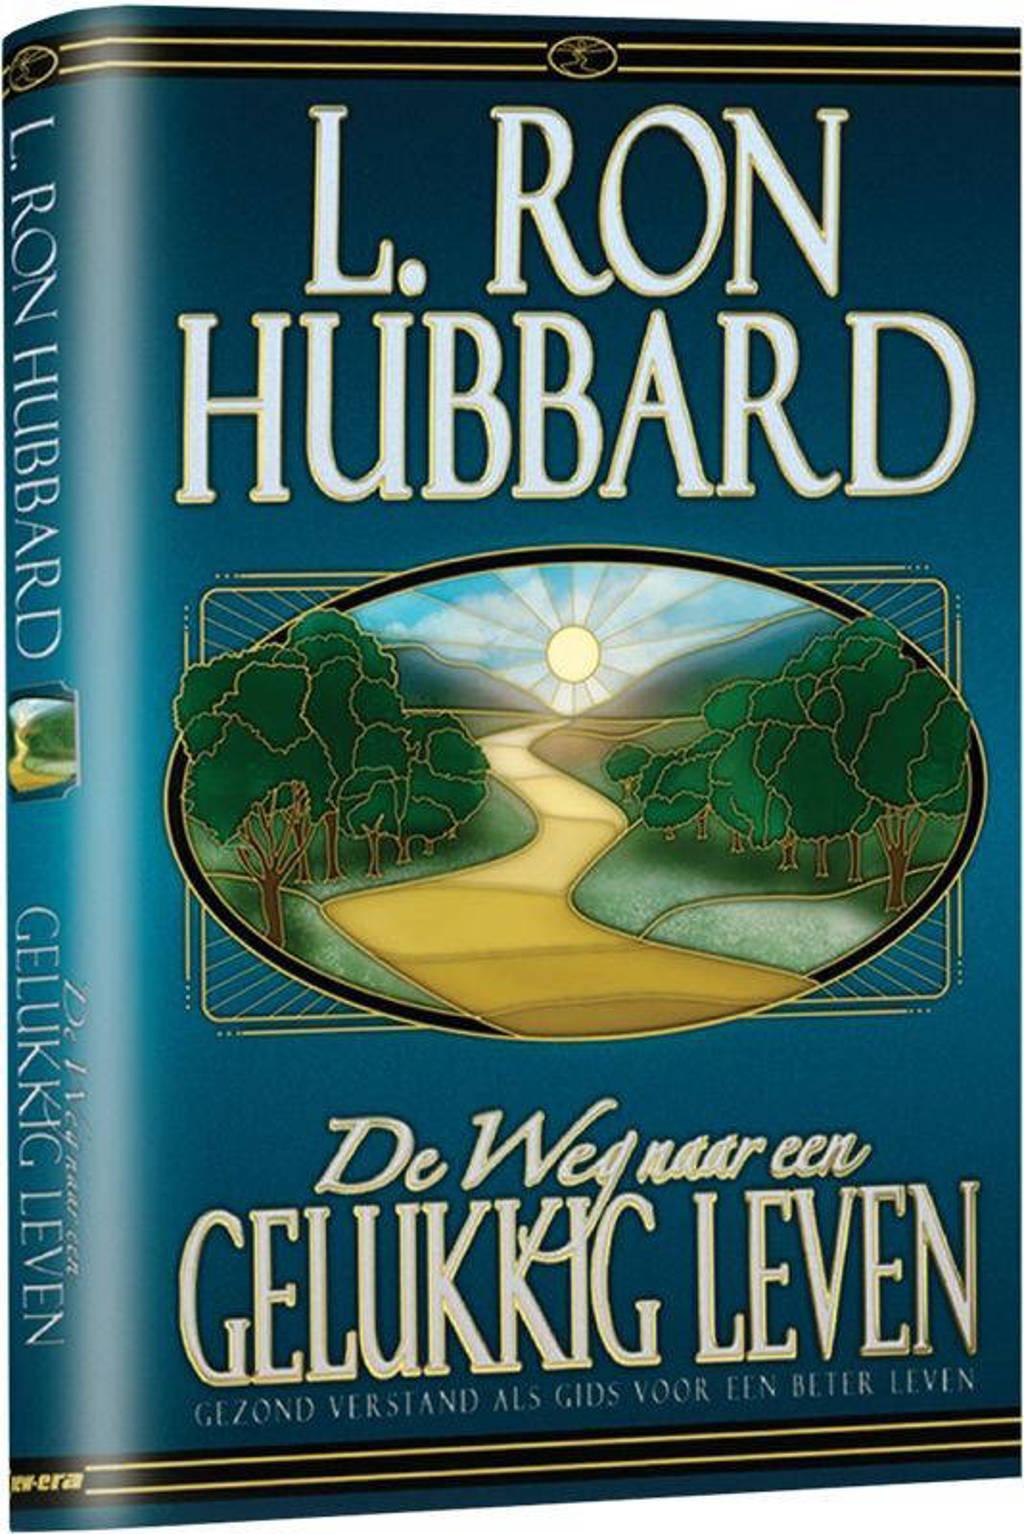 De Weg naar een Gelukkig Leven - L. Ron Hubbard